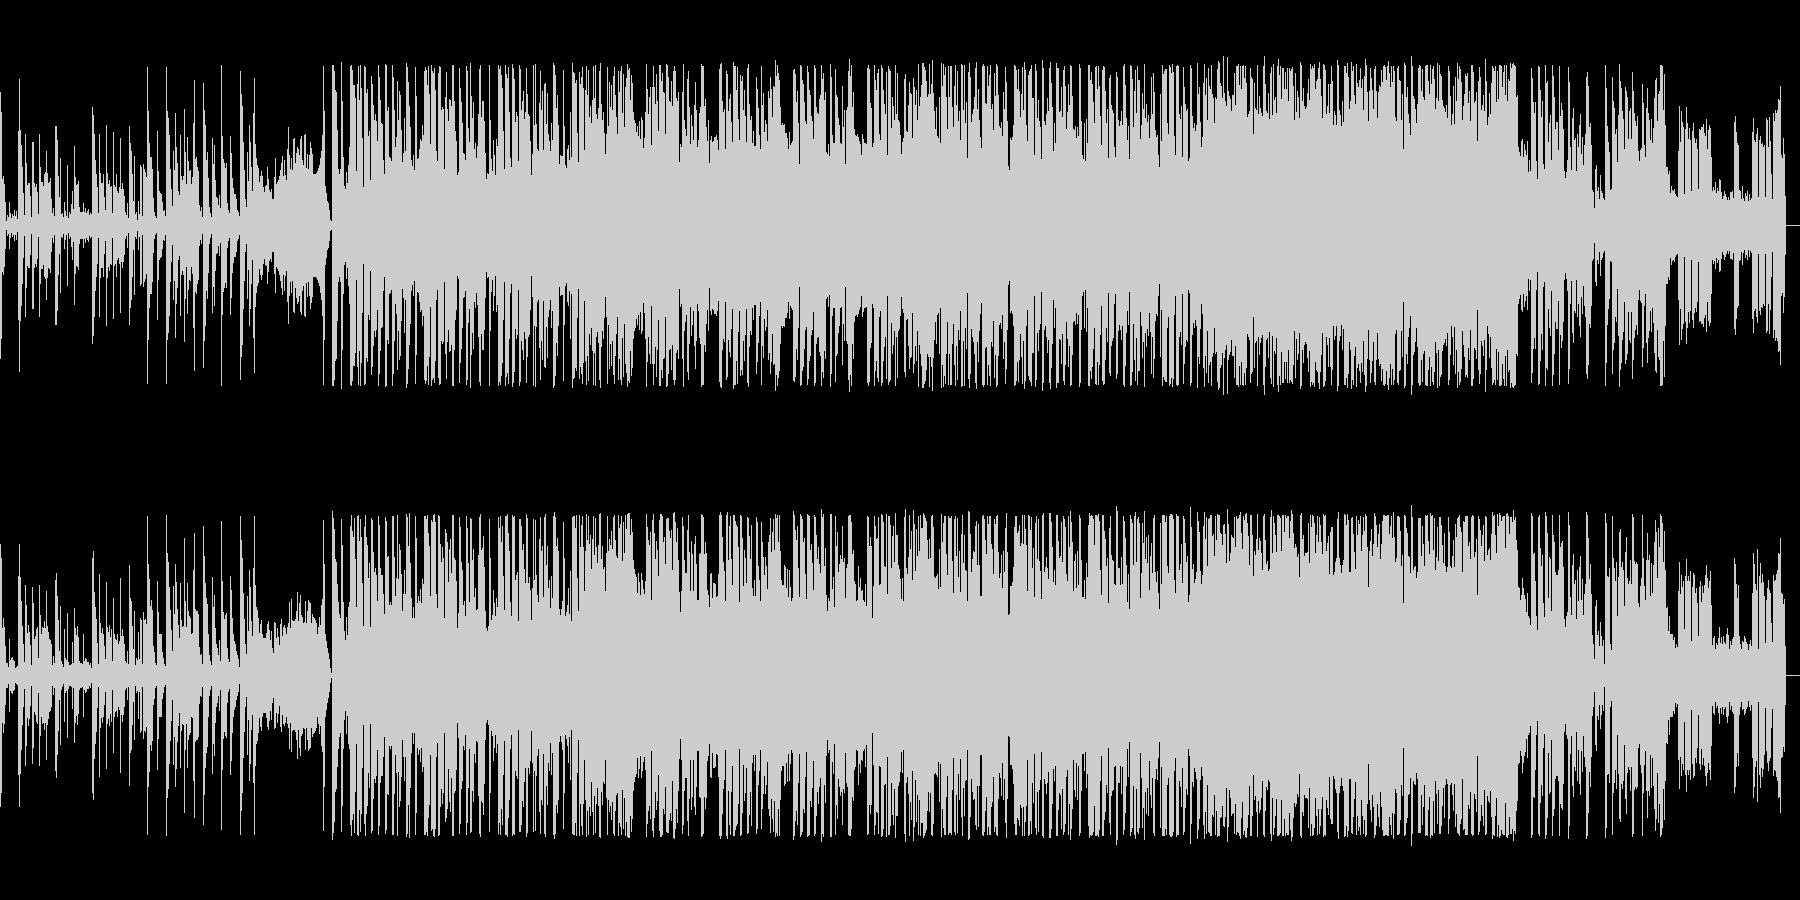 アップテンポで躍動感あるテクノポップの未再生の波形